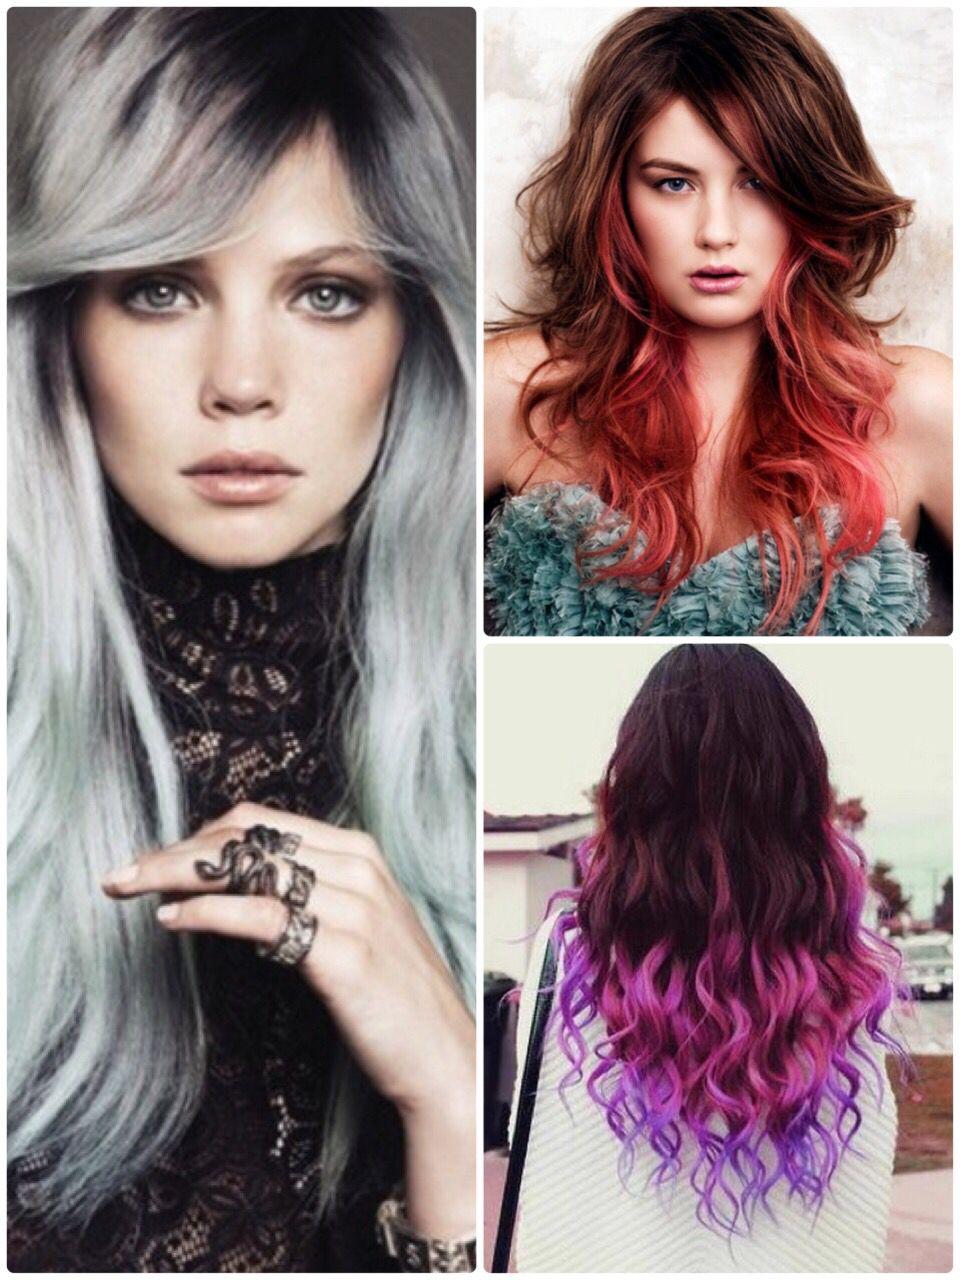 هل تملكين الج رأة تألقي بمظهر مميز وتعرفي على آخر ألوان صبغة الشعر لعام 2015 فاجئي محيطك بإطلالة جديدة تناسب لون بشرتك مع احدث الأ Hair Make Up Travel Fun